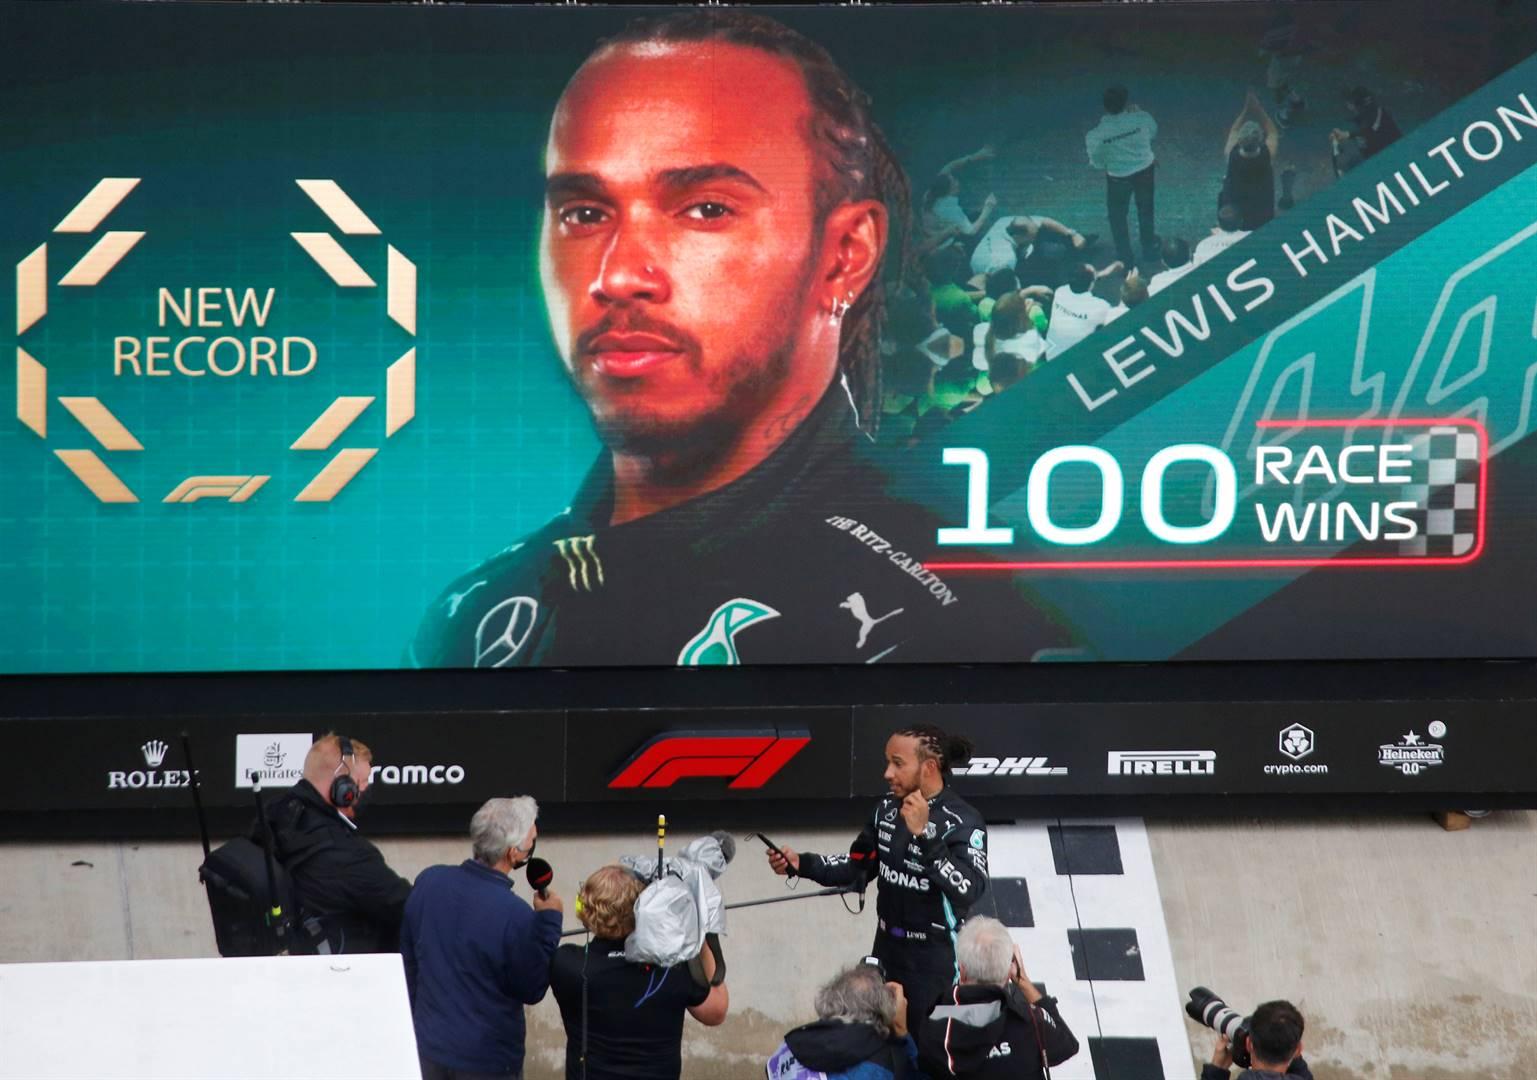 Lewis Hamilton nadat hy Sondag die Russiese Grand Prix in Sotsji gewen het en die rekordboeke met sy 100ste loopbaansege herskryf het. Foto: Reuters